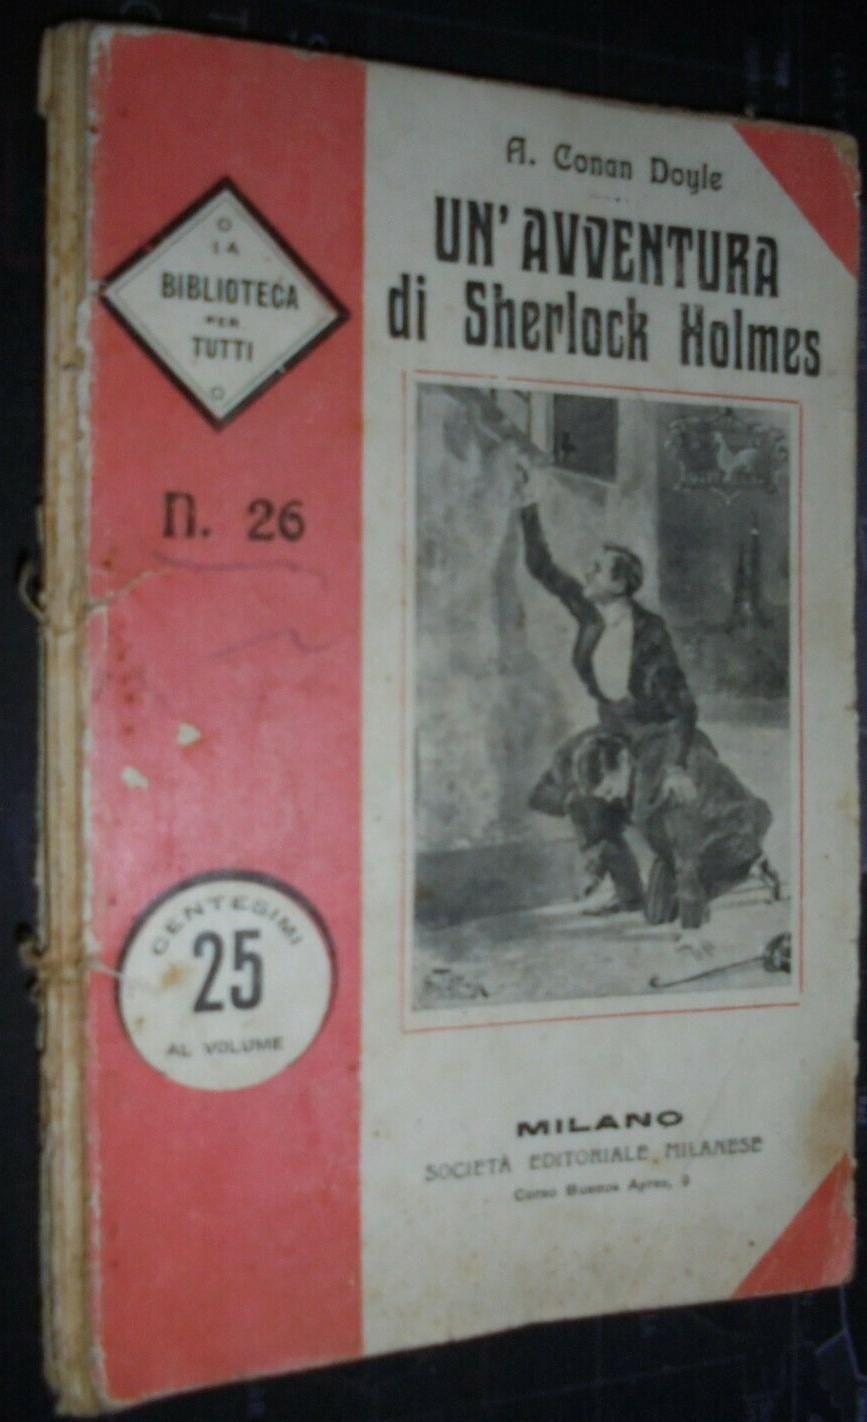 7 casi per Sherlock Holmes! La soluzione a volte non è un dettaglio…